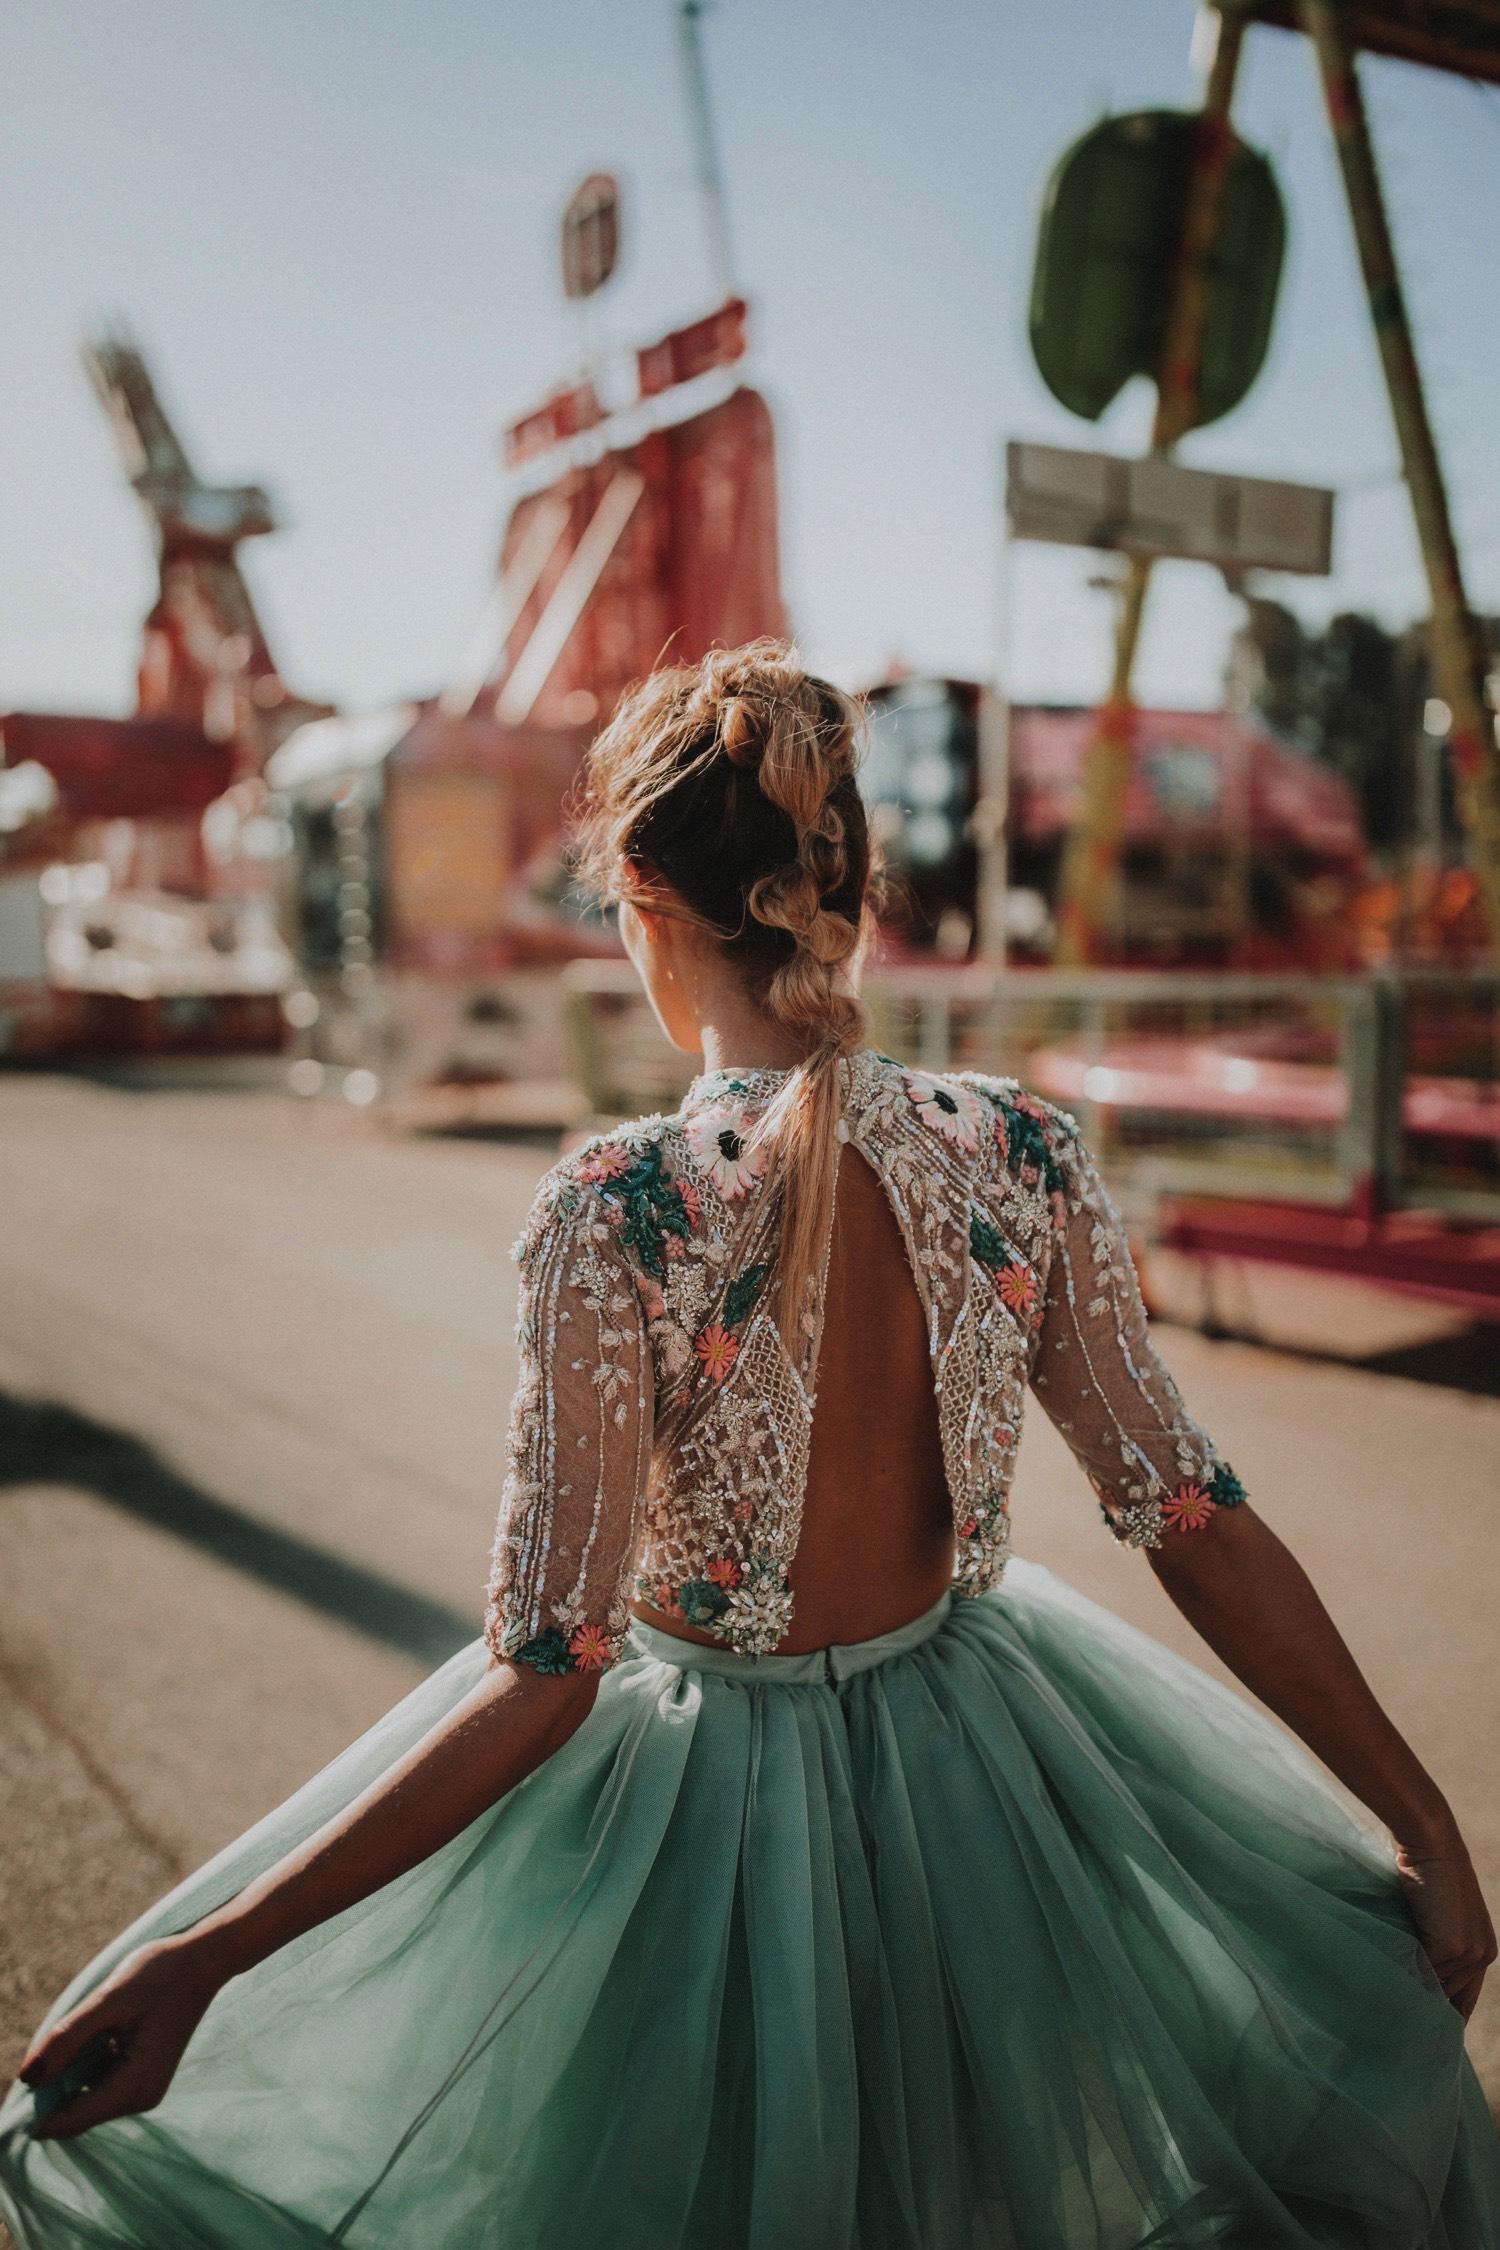 ernestovillalba-aliciarueda-bridalada-wedding-0356-ASE_feria_sevilla_bridalada_feriadeabril_weddingdress_aliciaruedaaltacostura_aliciarueda_moda_scalextric_parque_fashion_atracciones_de.jpg